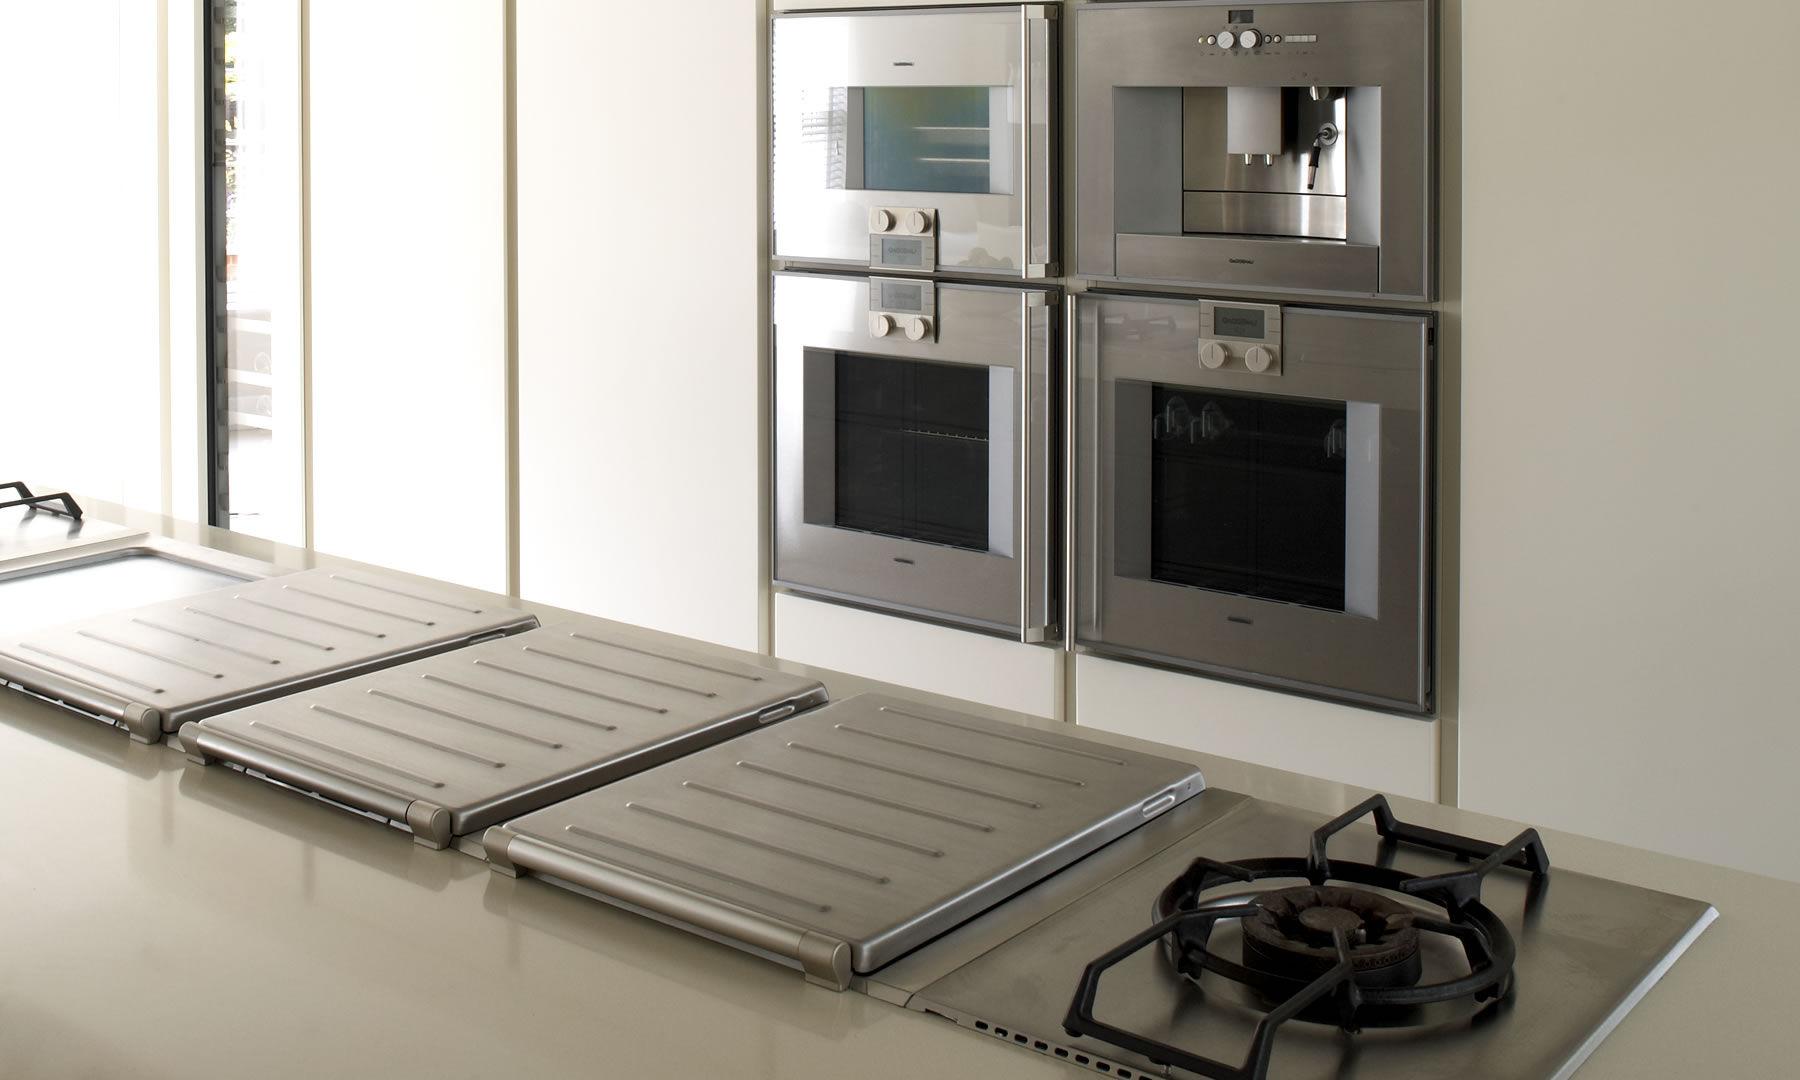 Cocina Moderna De Roble Con Isla Lacada Great Horkesley  # Muebles De Cocina Gaggenau